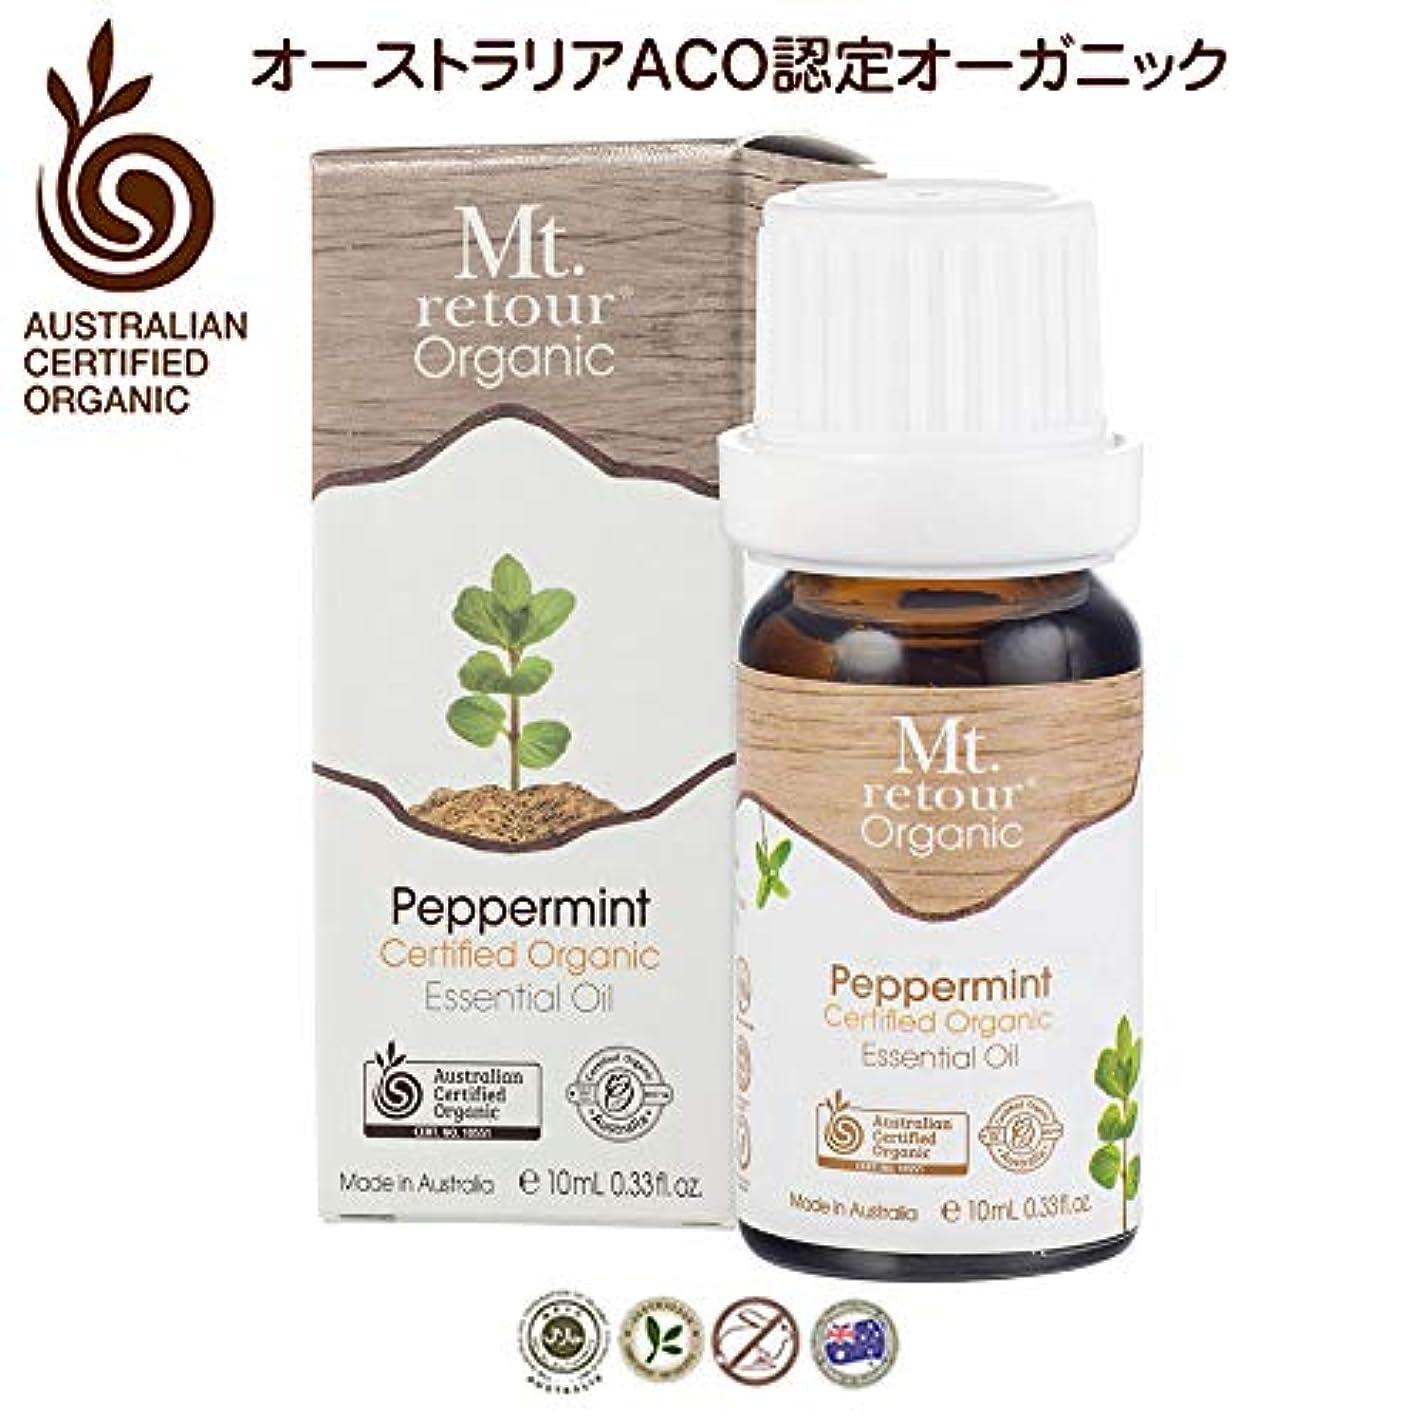 オセアニアタワーまあMt. retour ACO認定オーガニック ペパーミント10ml エッセンシャルオイル(無農薬有機)アロマ